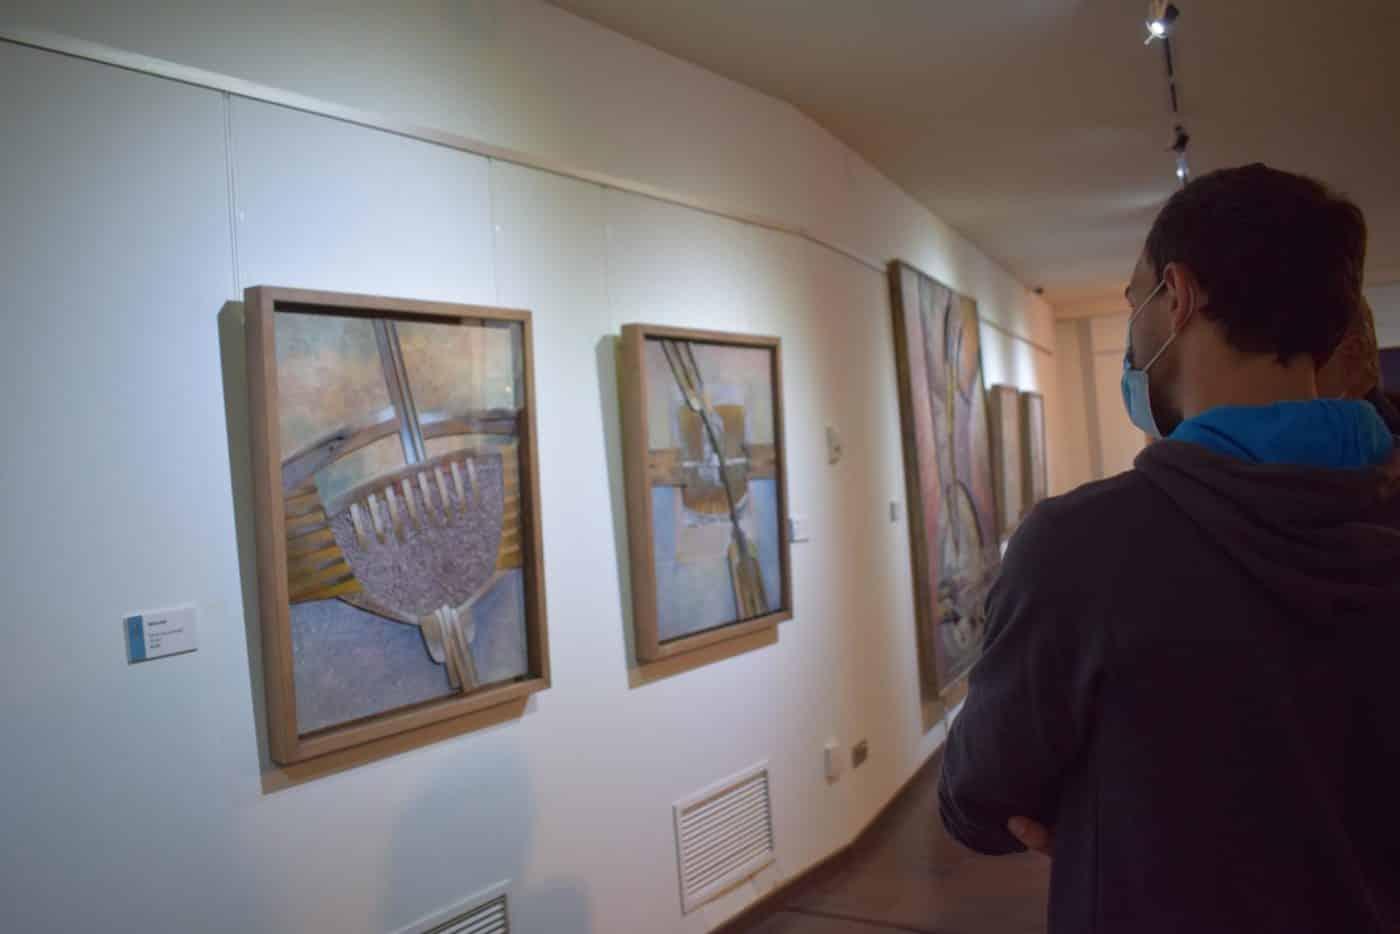 FOTOS: El Torreón de Haro inaugura 'De grana y roble', del artista riojano Óscar Cenzano 8